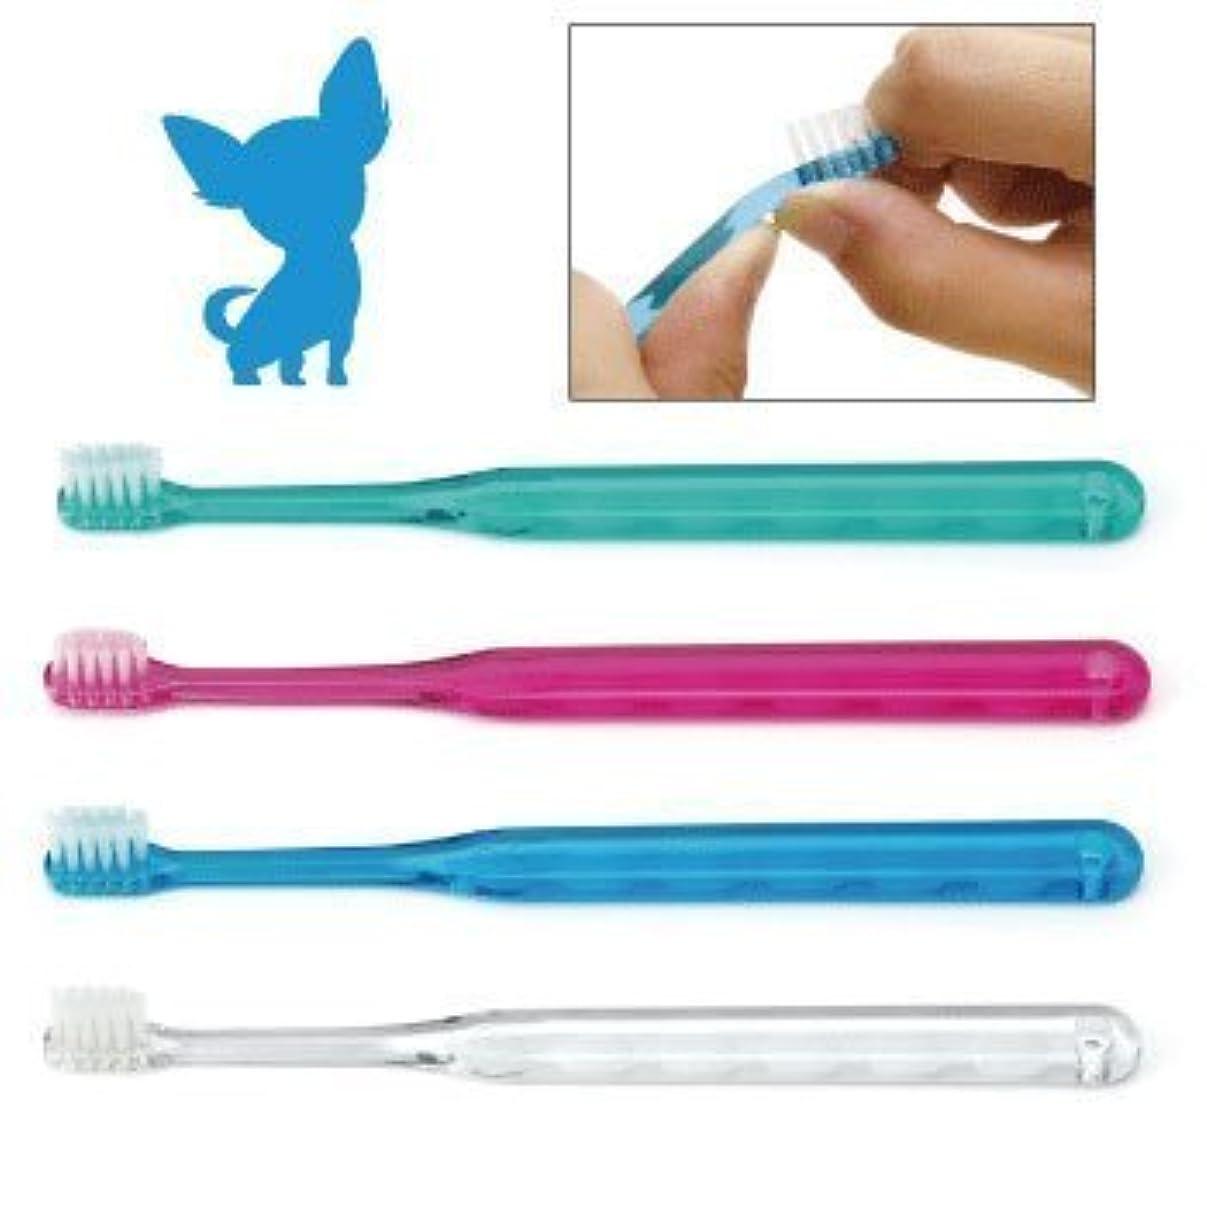 手つかずのセンチメートルその他犬用歯ブラシ / Ci シュワワ / ピンク /12本セット